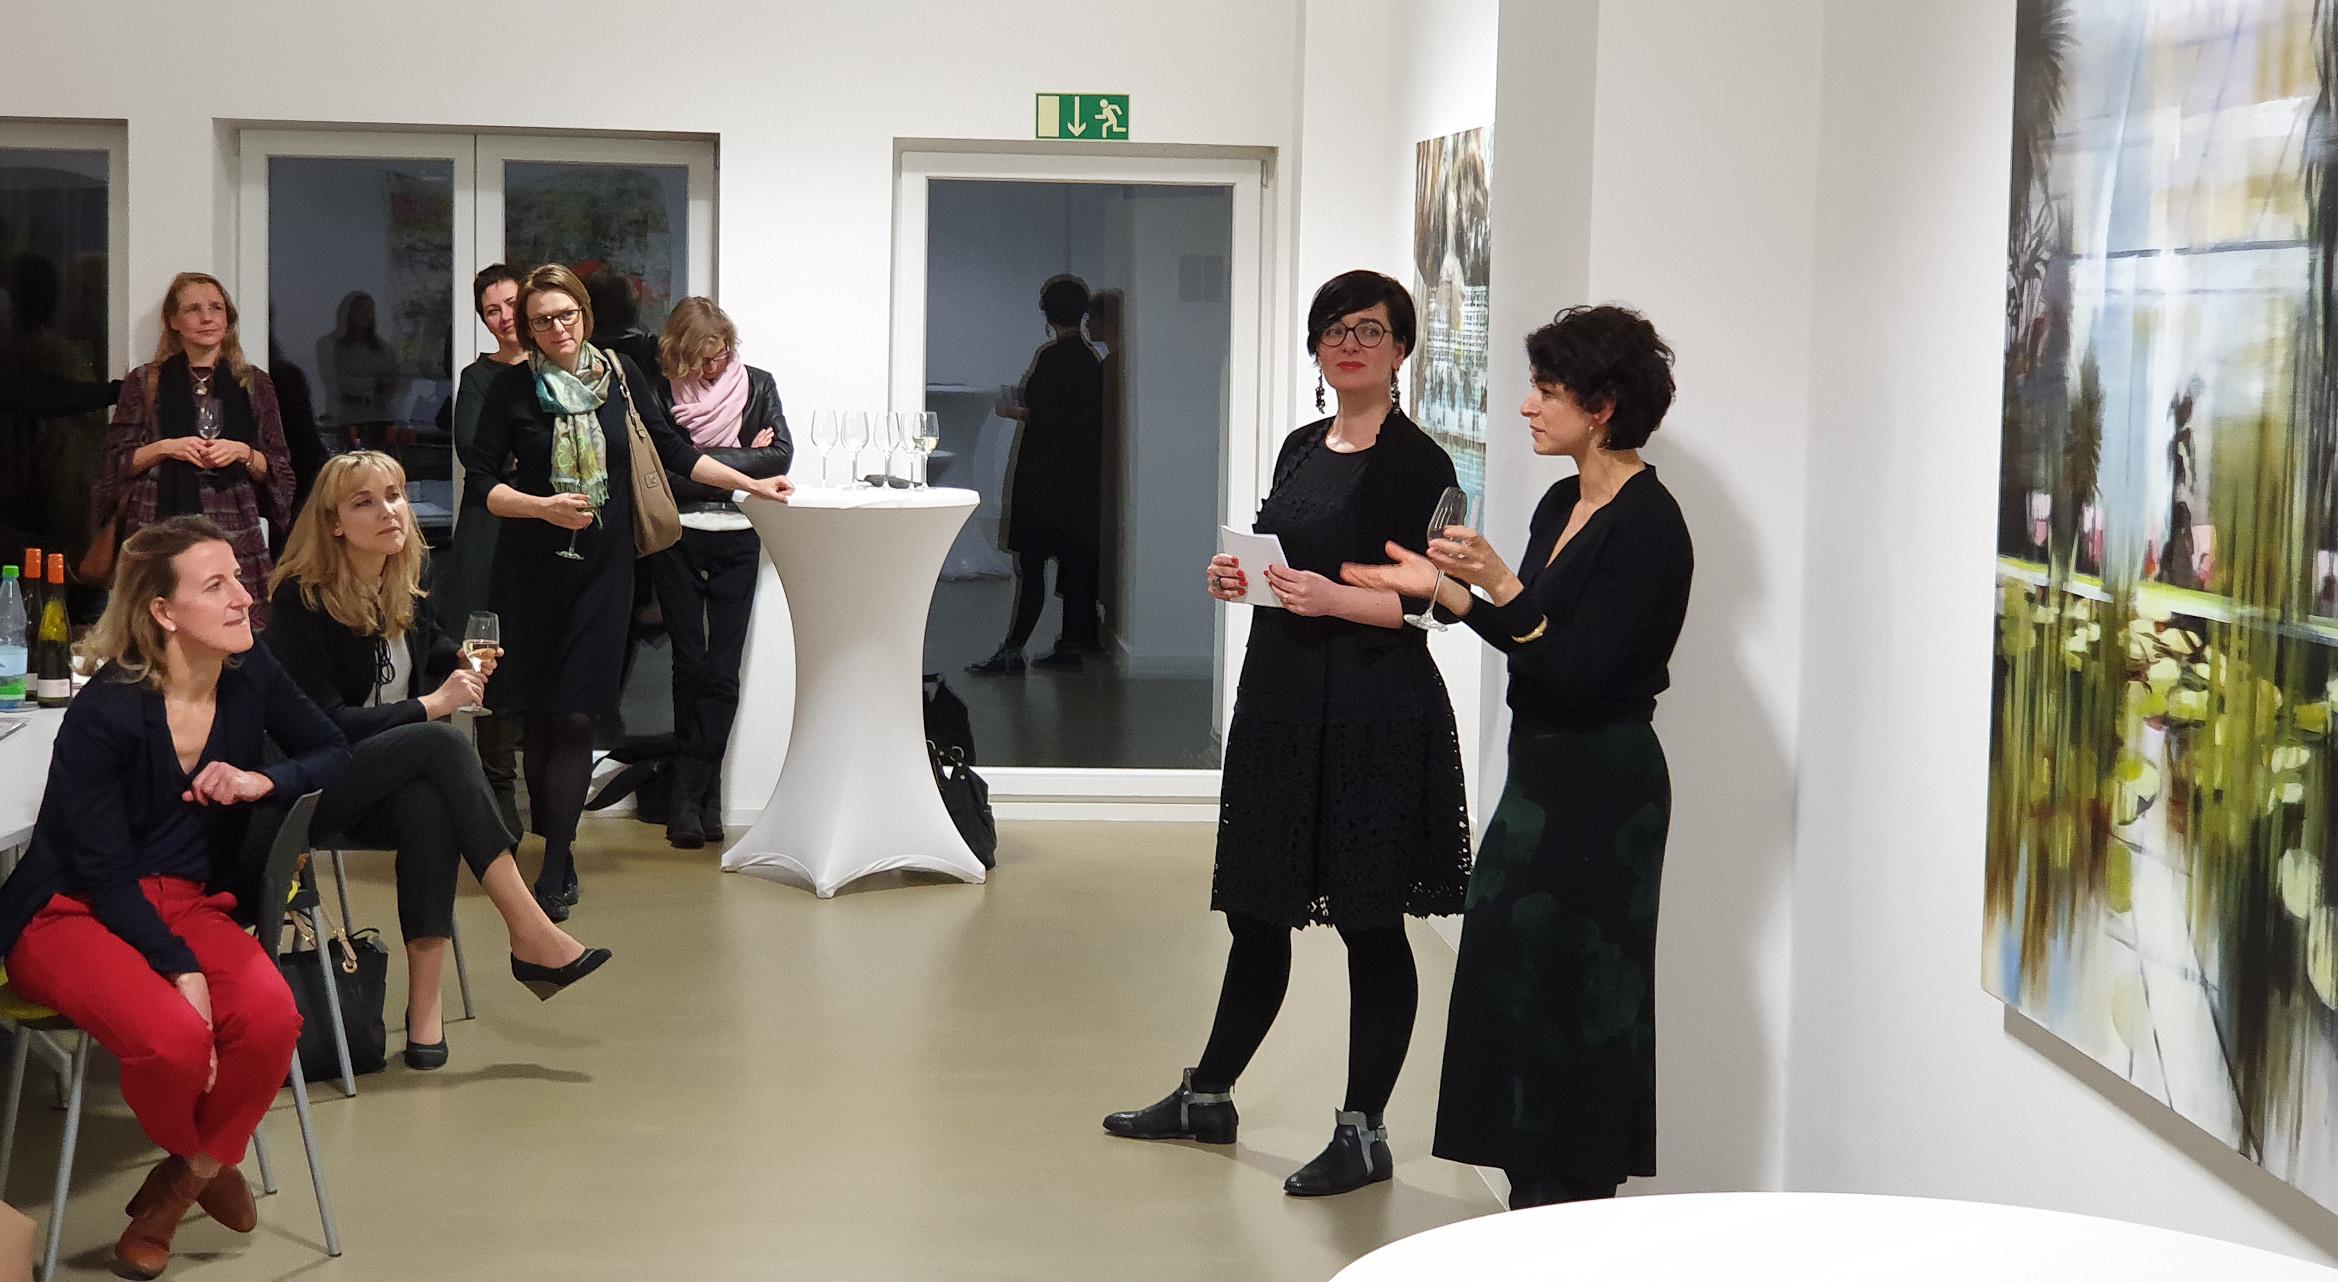 (c) Art Consulting Mese - Agnieszka Mese und die Künstlerin Mahssa Askari sowie weitere Kunstliebhaberinnen bei der FrauenArt am 25.01.2019 in der von fraunberg art gallery